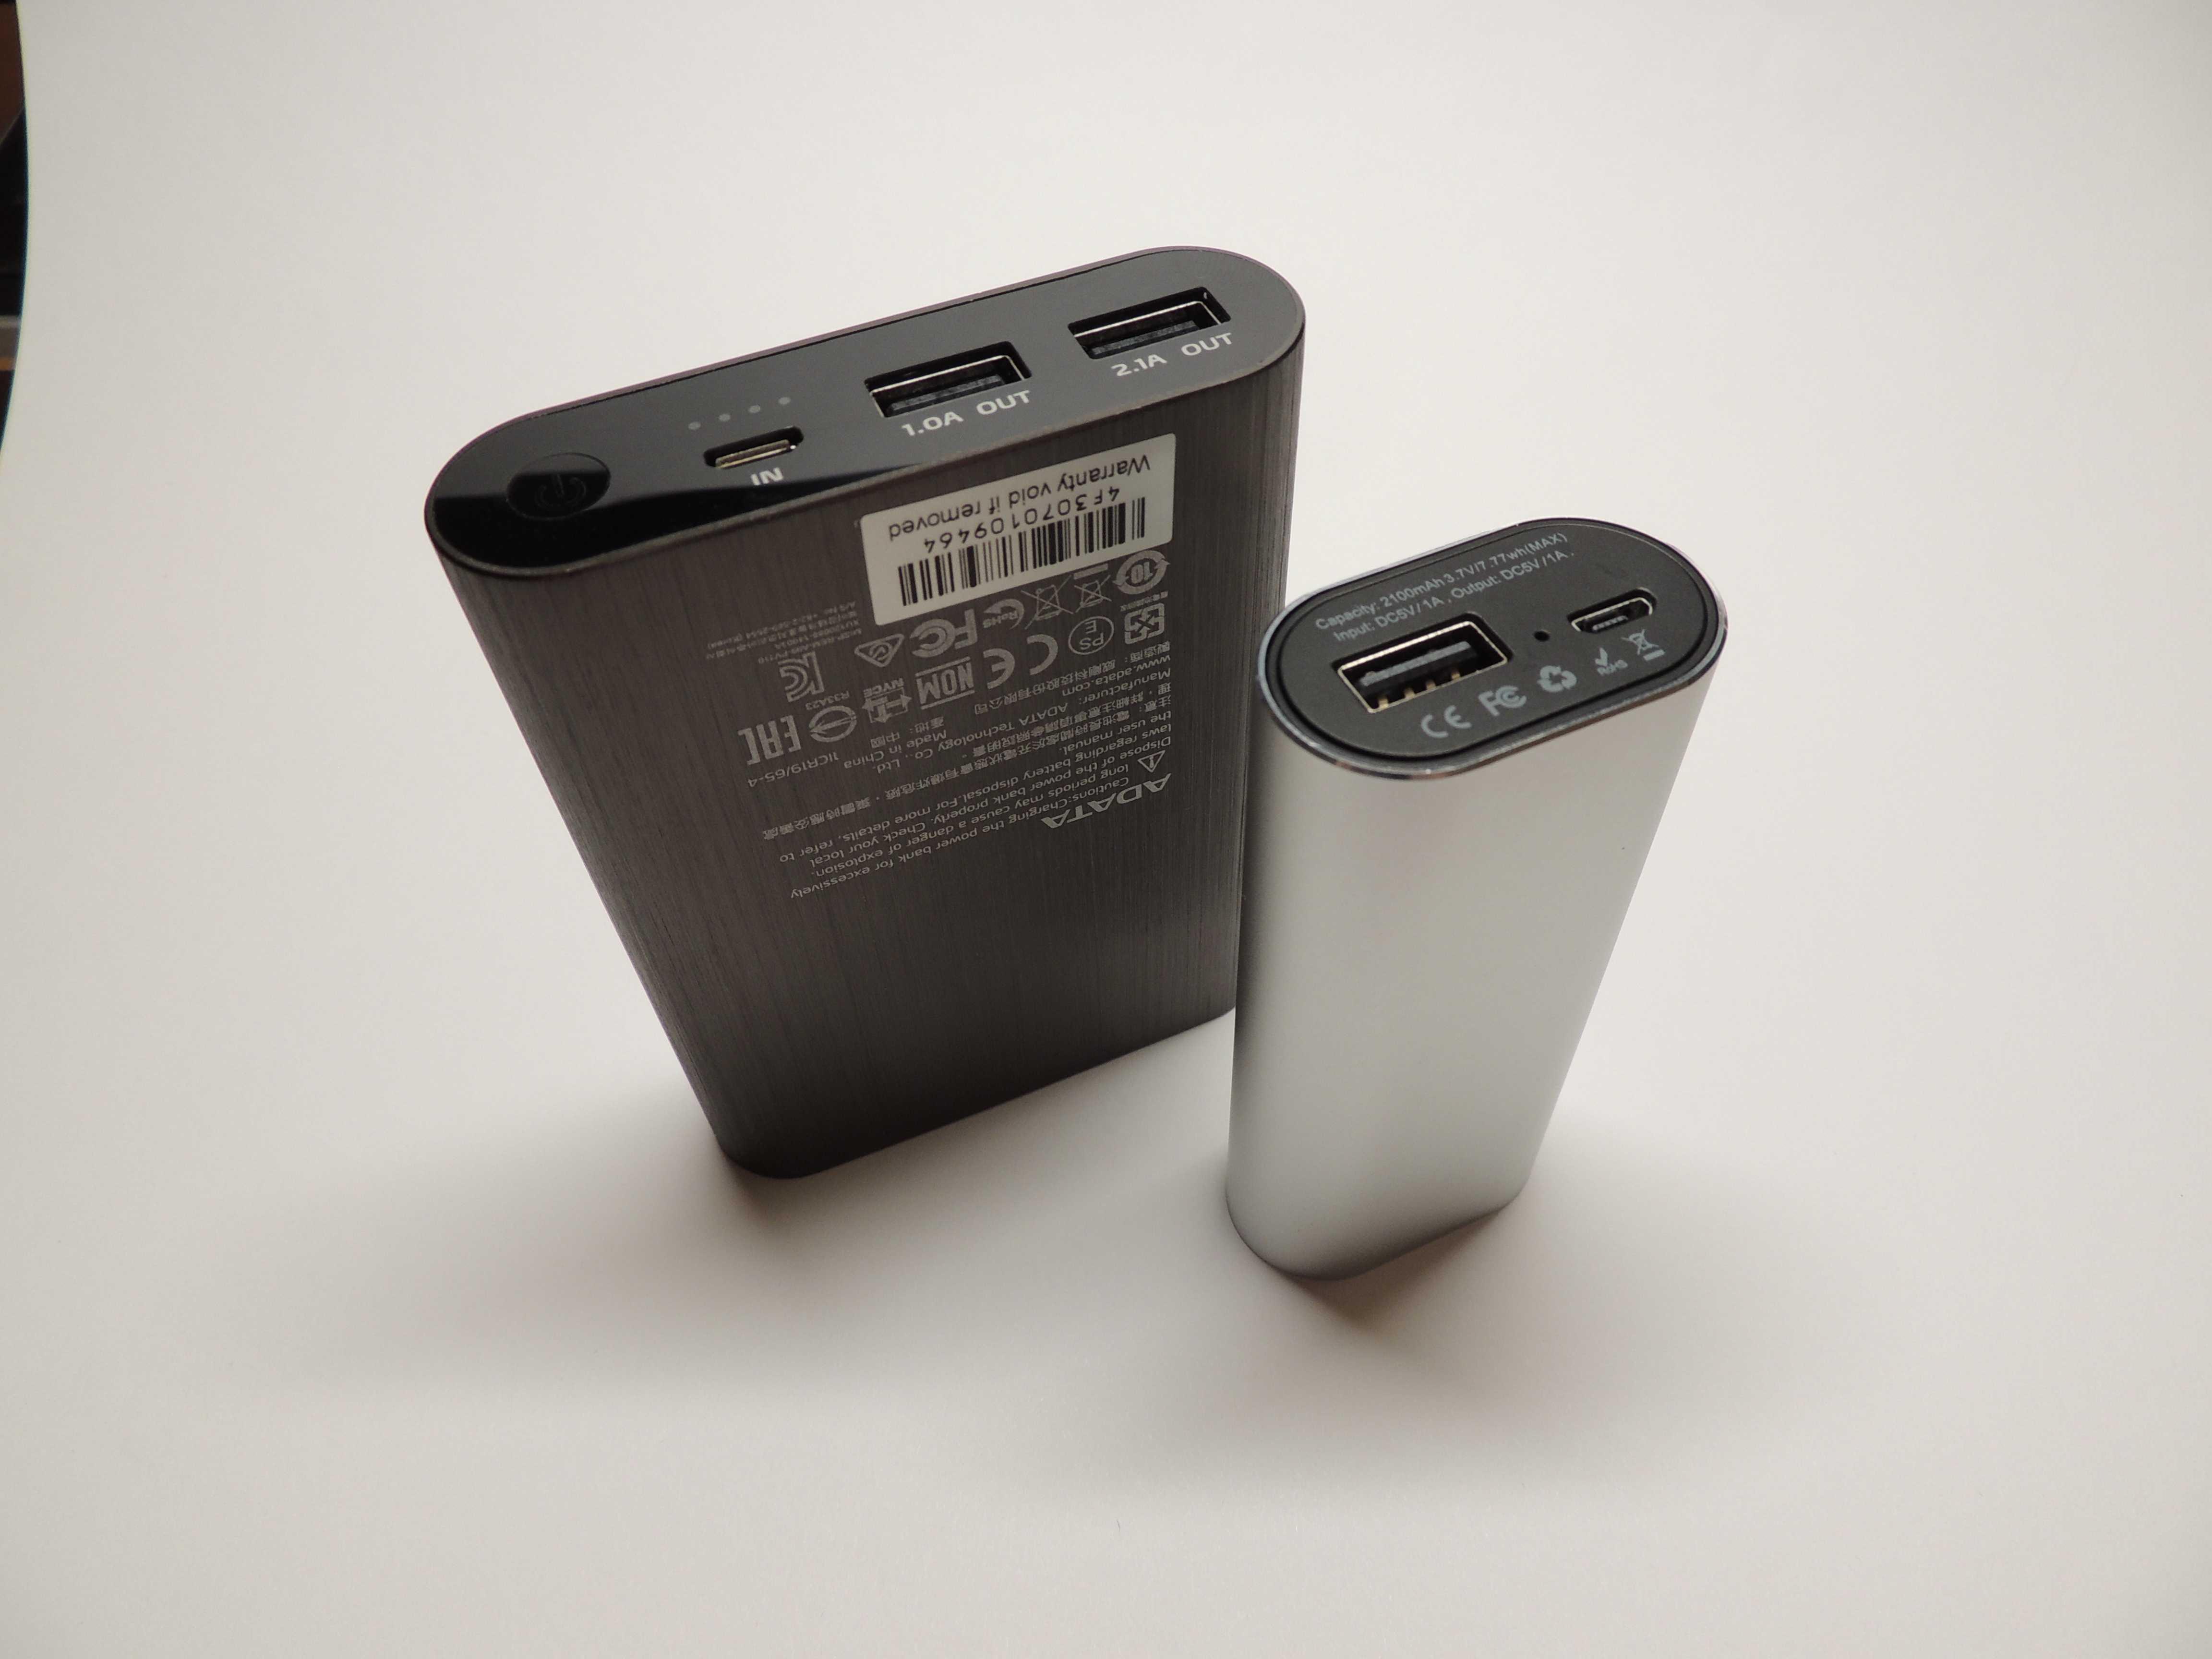 USB – C by som už považoval za štandard. Dióda ukazuje stav preblikávaním. Vzadu štandardná Powerbanka Adata. Zmenou polohy